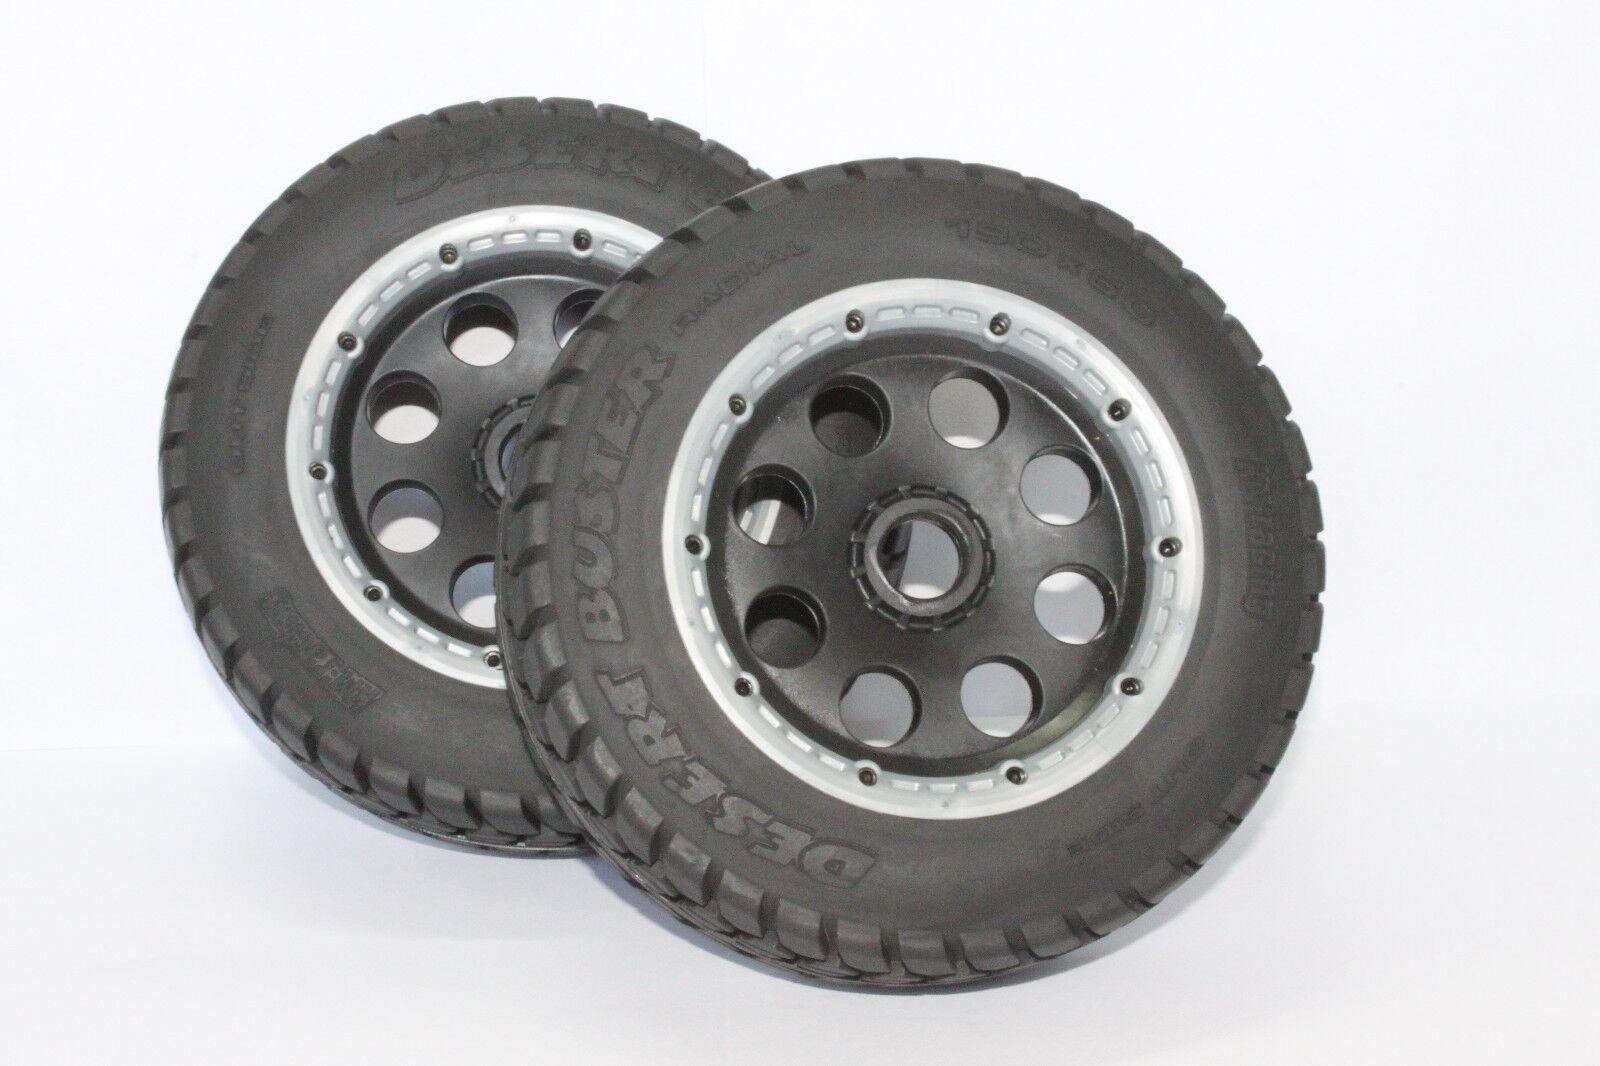 Baja 5T front Off road Wheel Set For 1/5 HPI rovan km